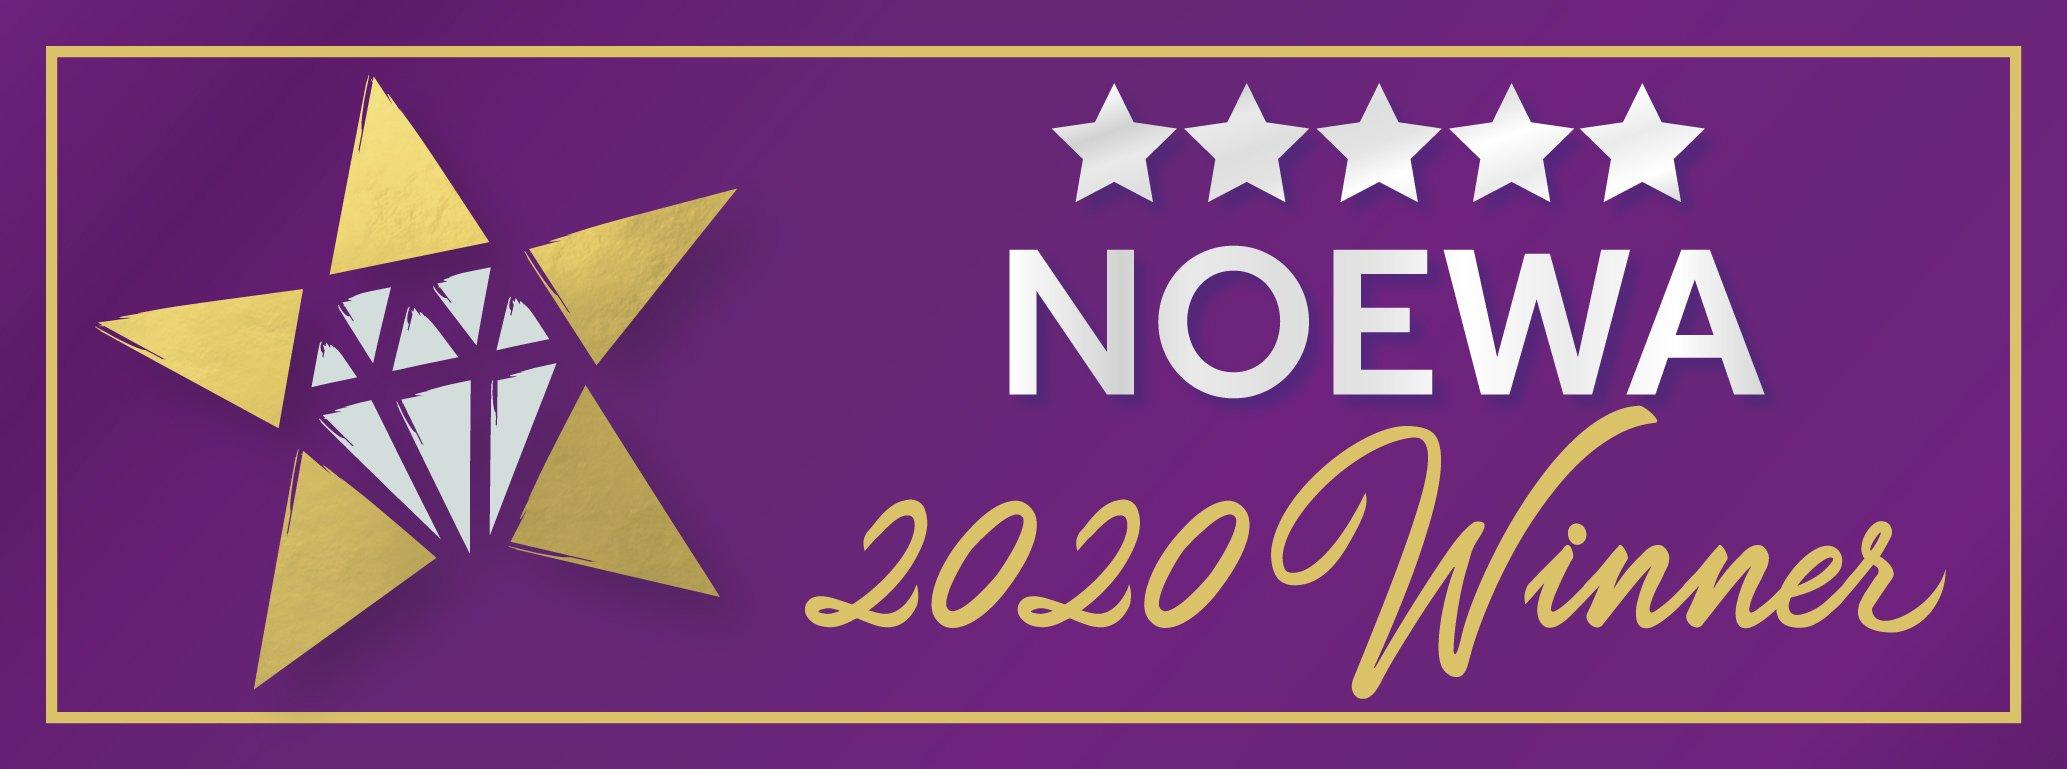 NOEWA 2020 Winner